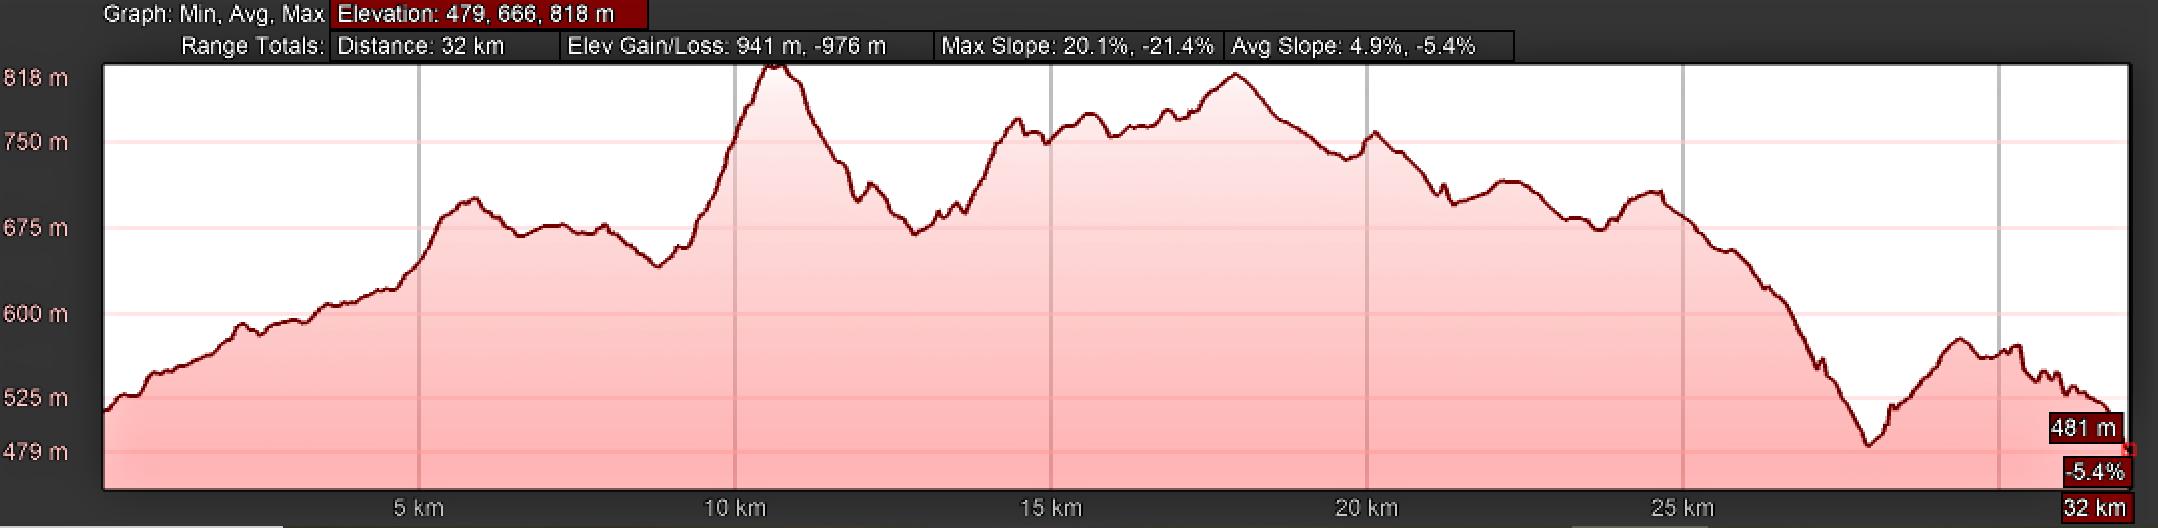 Elevation Profile, Camino Sanabrés, Cea to Estación de Lalín via the Mosteiro Route